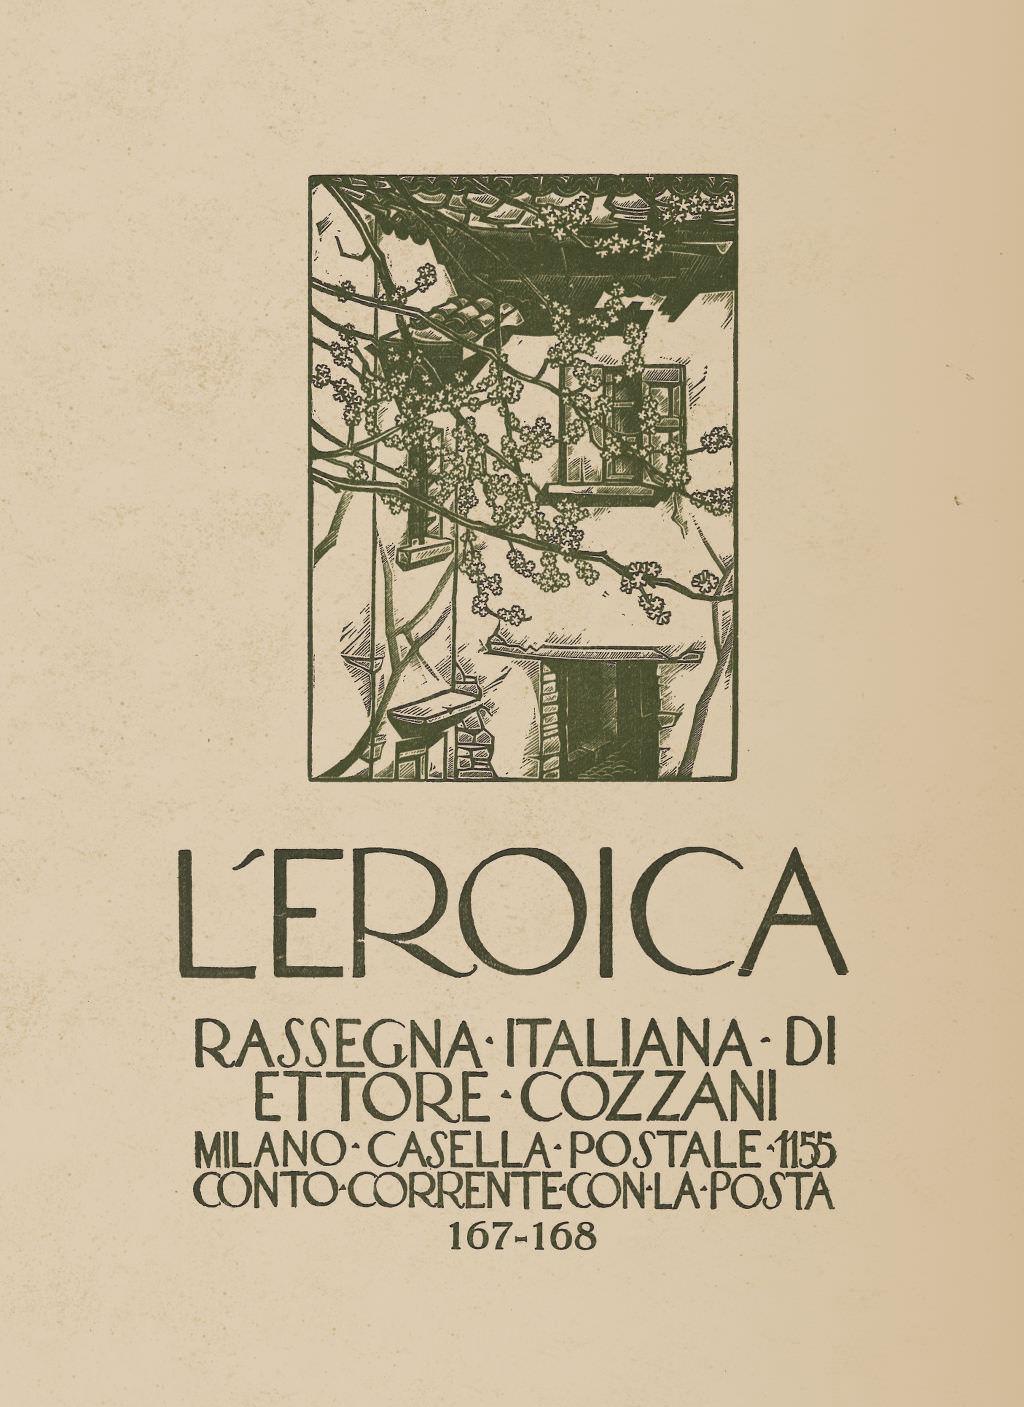 Eroica 167-168